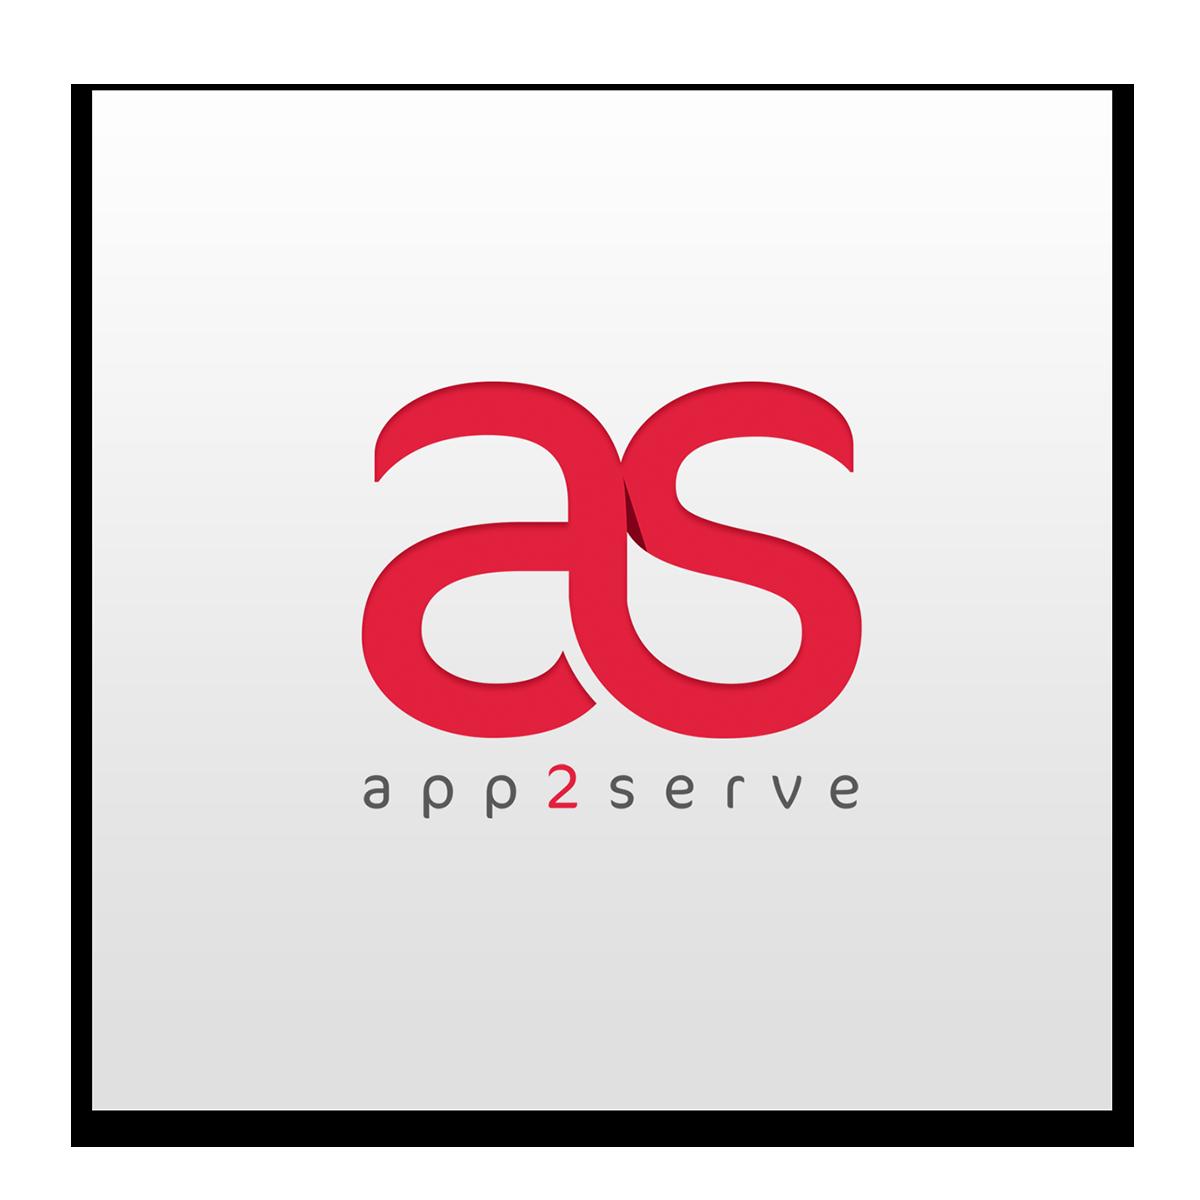 about app2serve